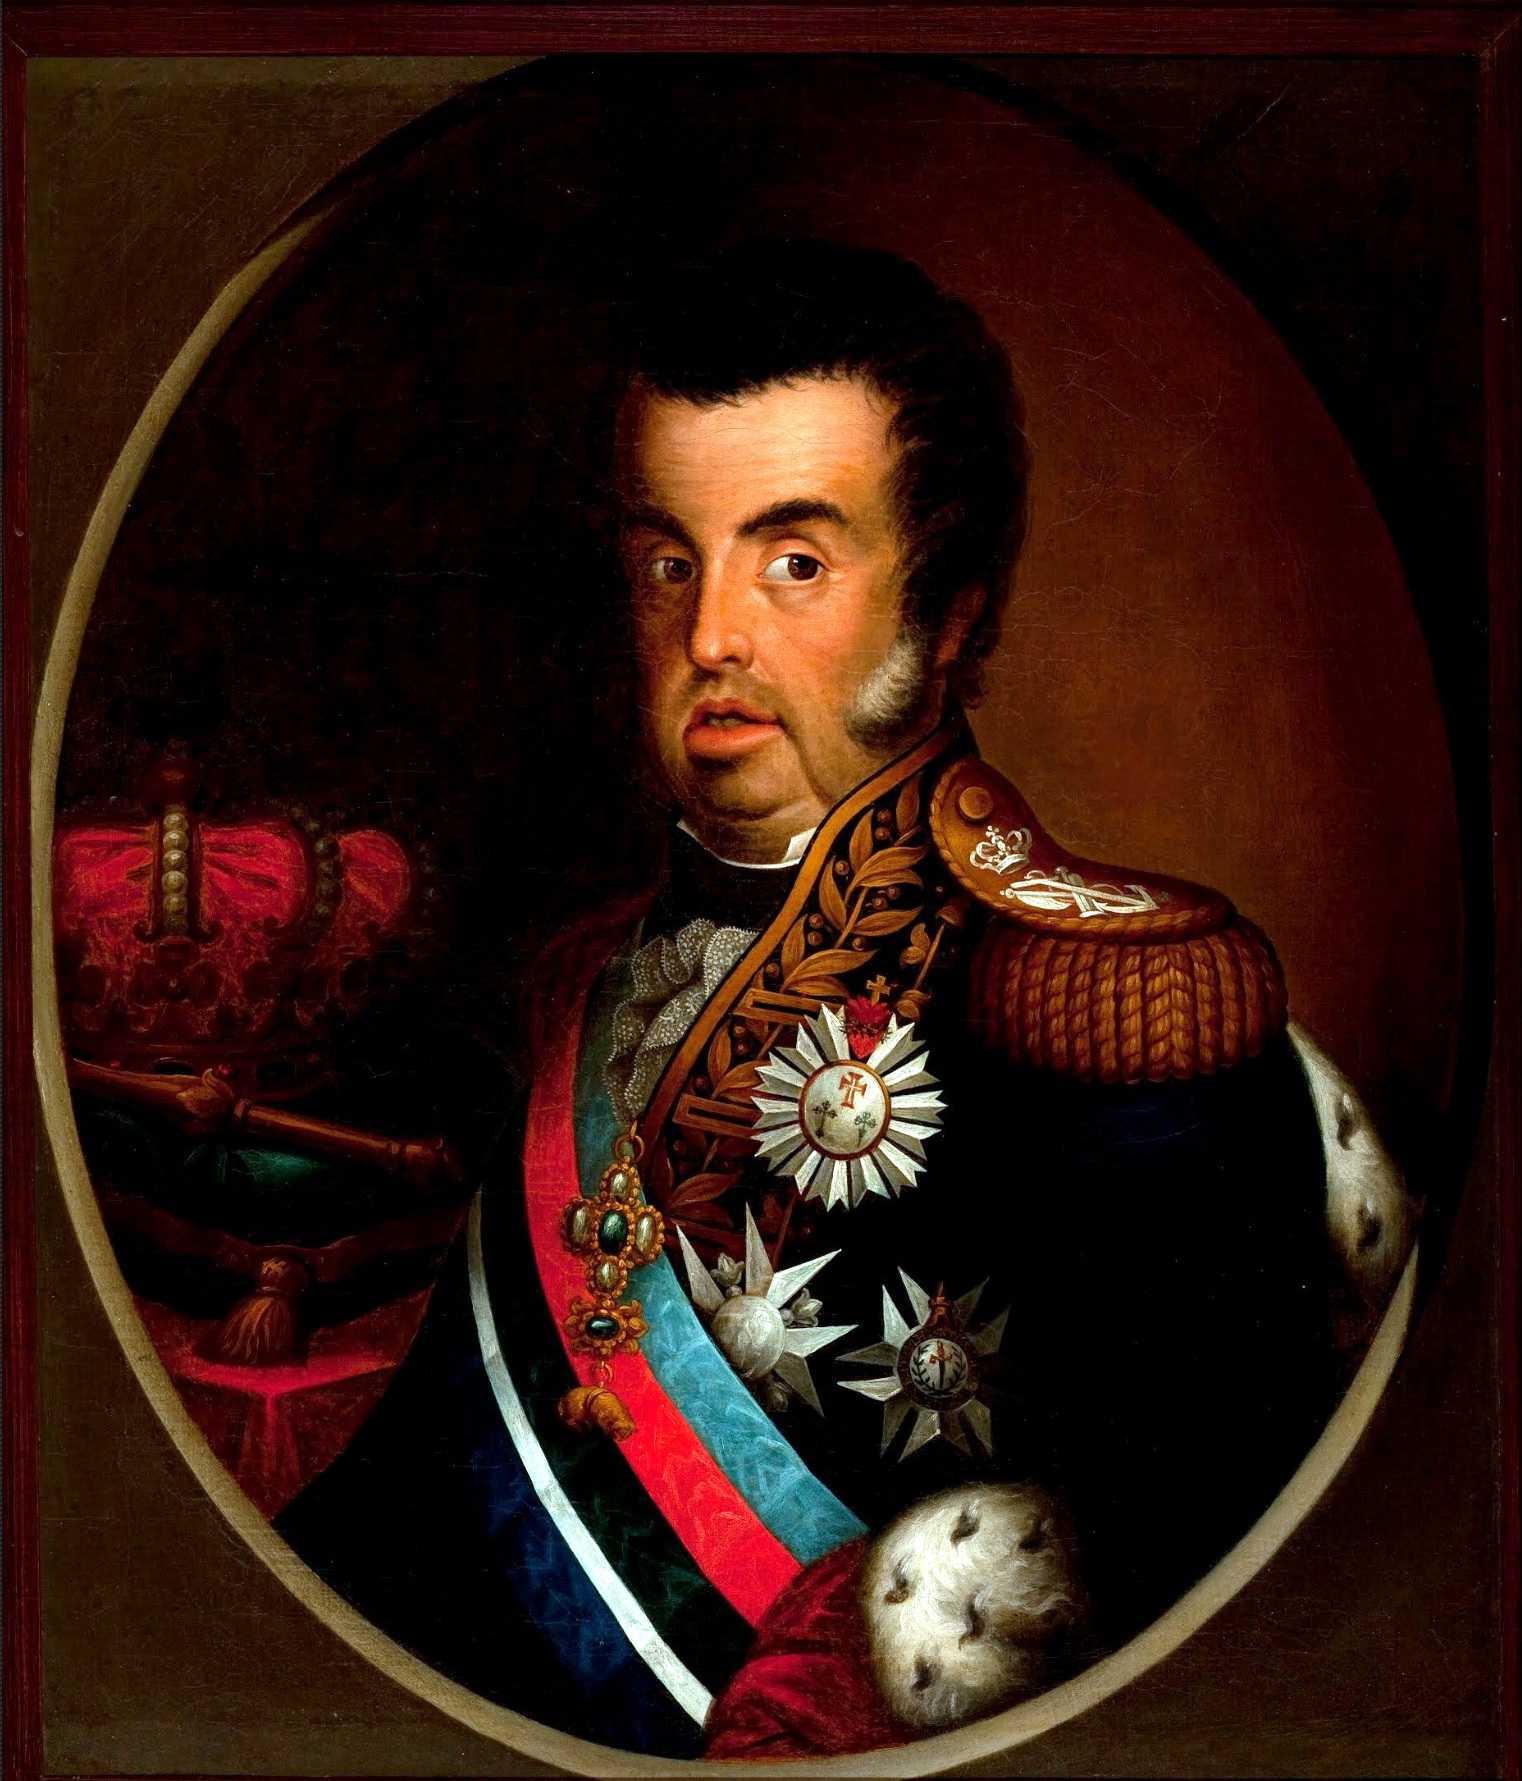 Retorno de Dom João VI a Portugal